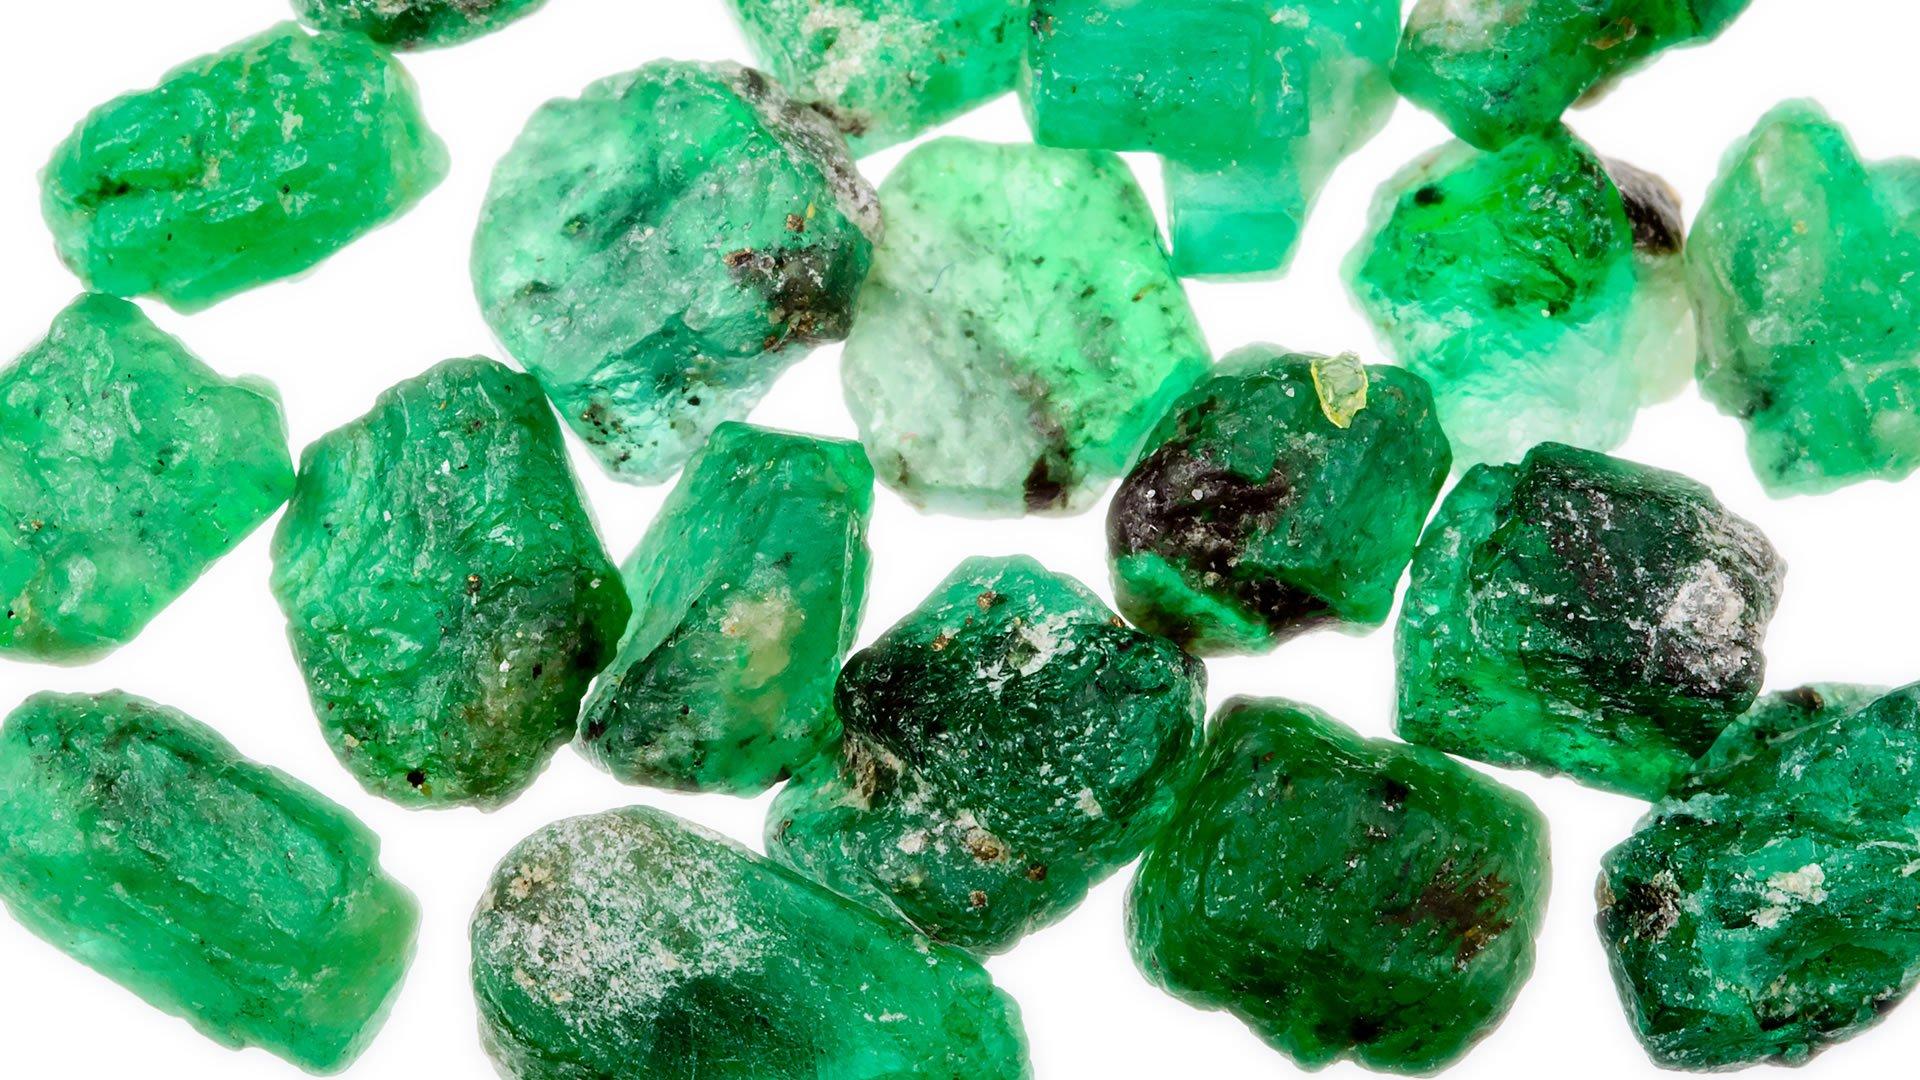 Lista de las rocas y los minerales más preciosos del planeta